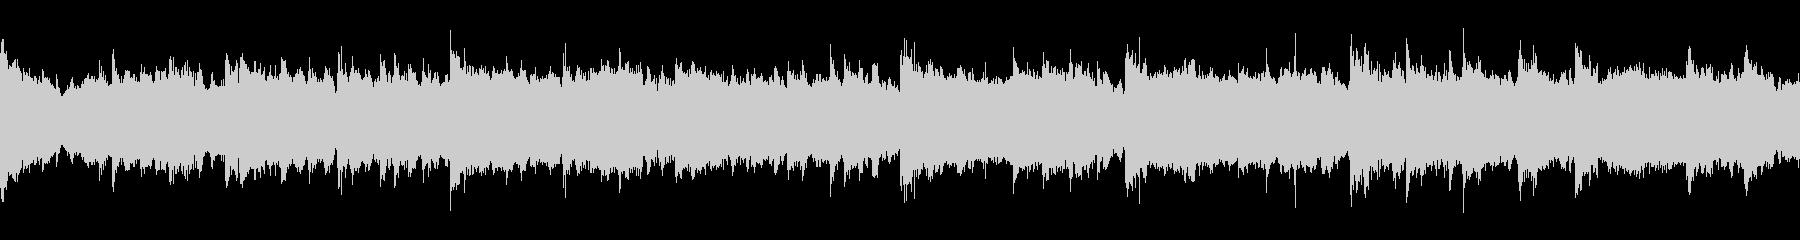 ストリングスとピアノのシリアスなループの未再生の波形